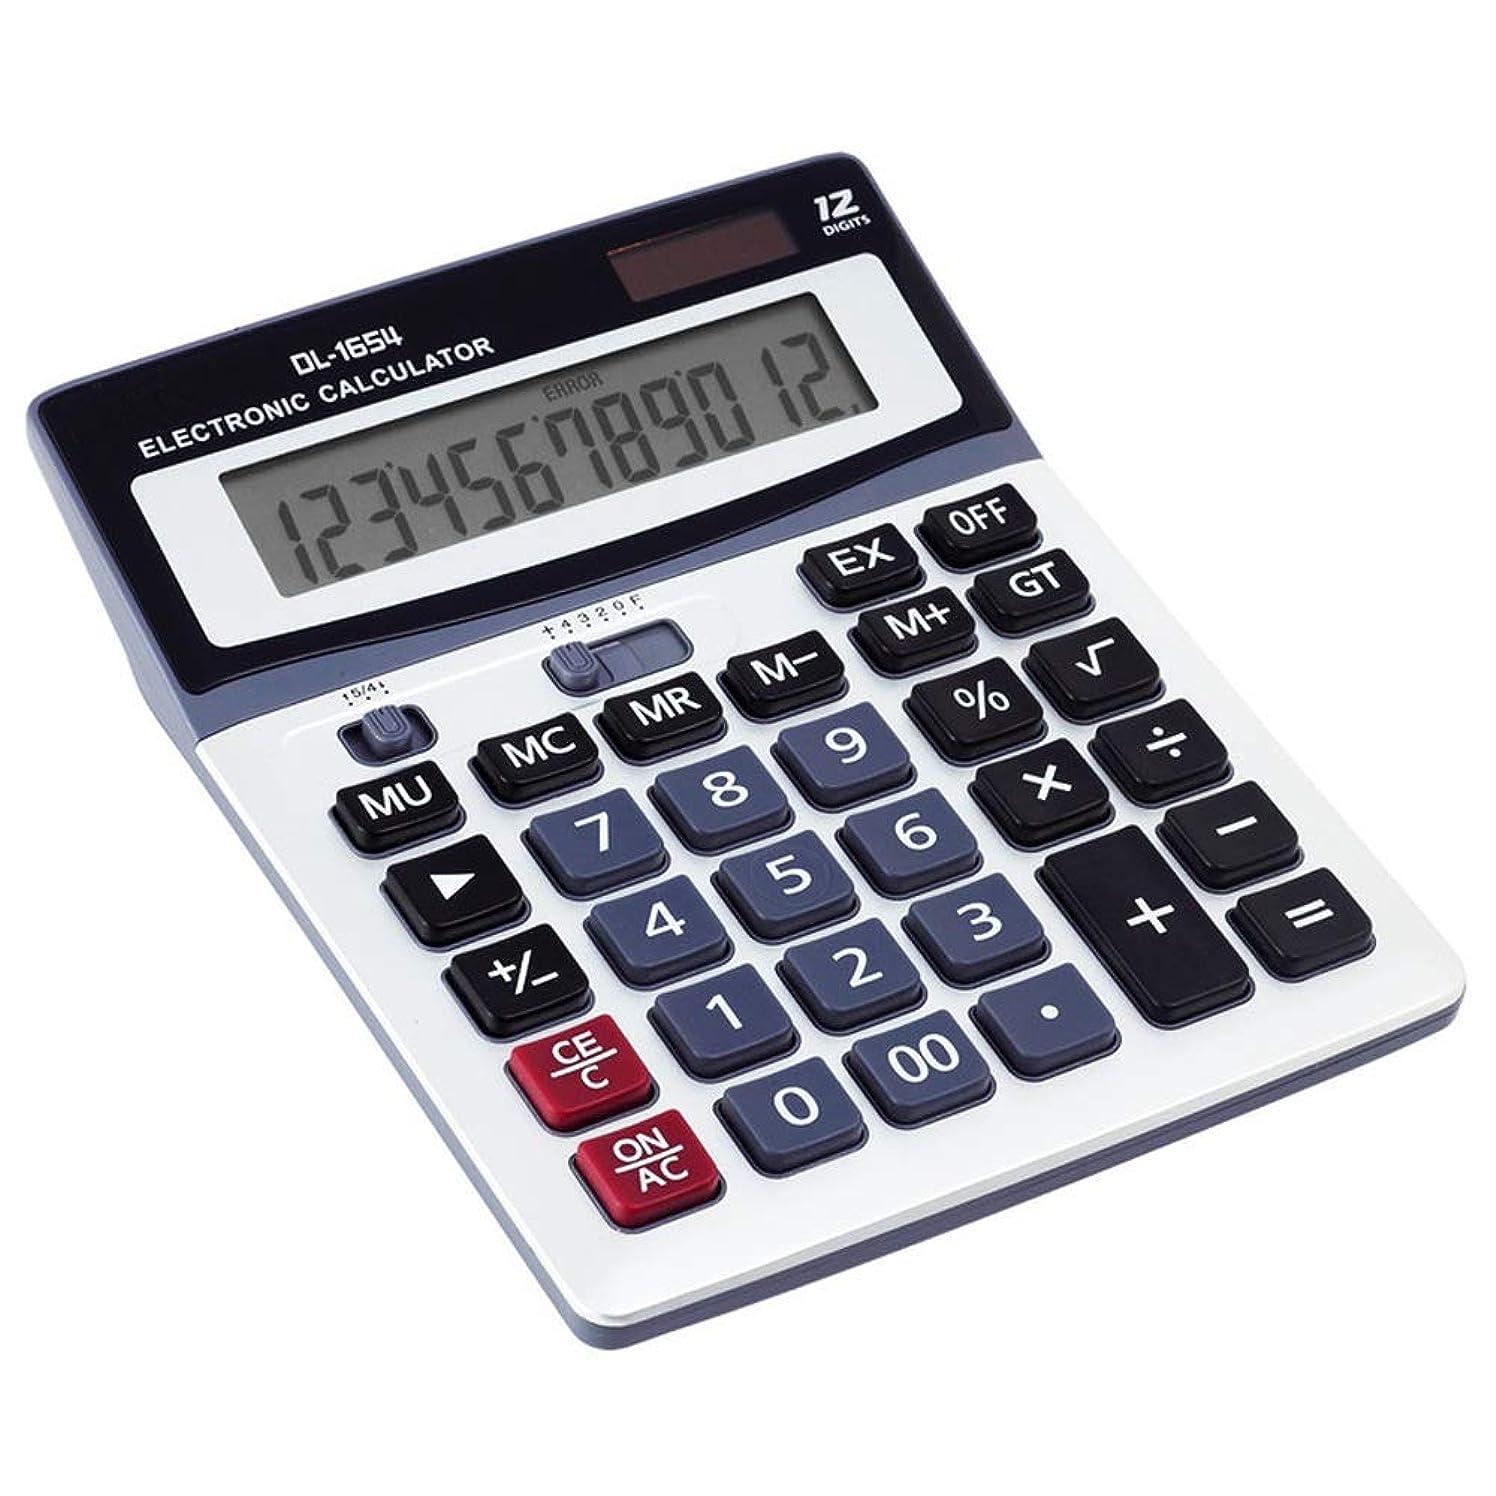 保守的石油最初電卓大画面ビッグボタンソーラー電卓財務オフィス12ビット電卓 標準機能エレクトロニクス電卓